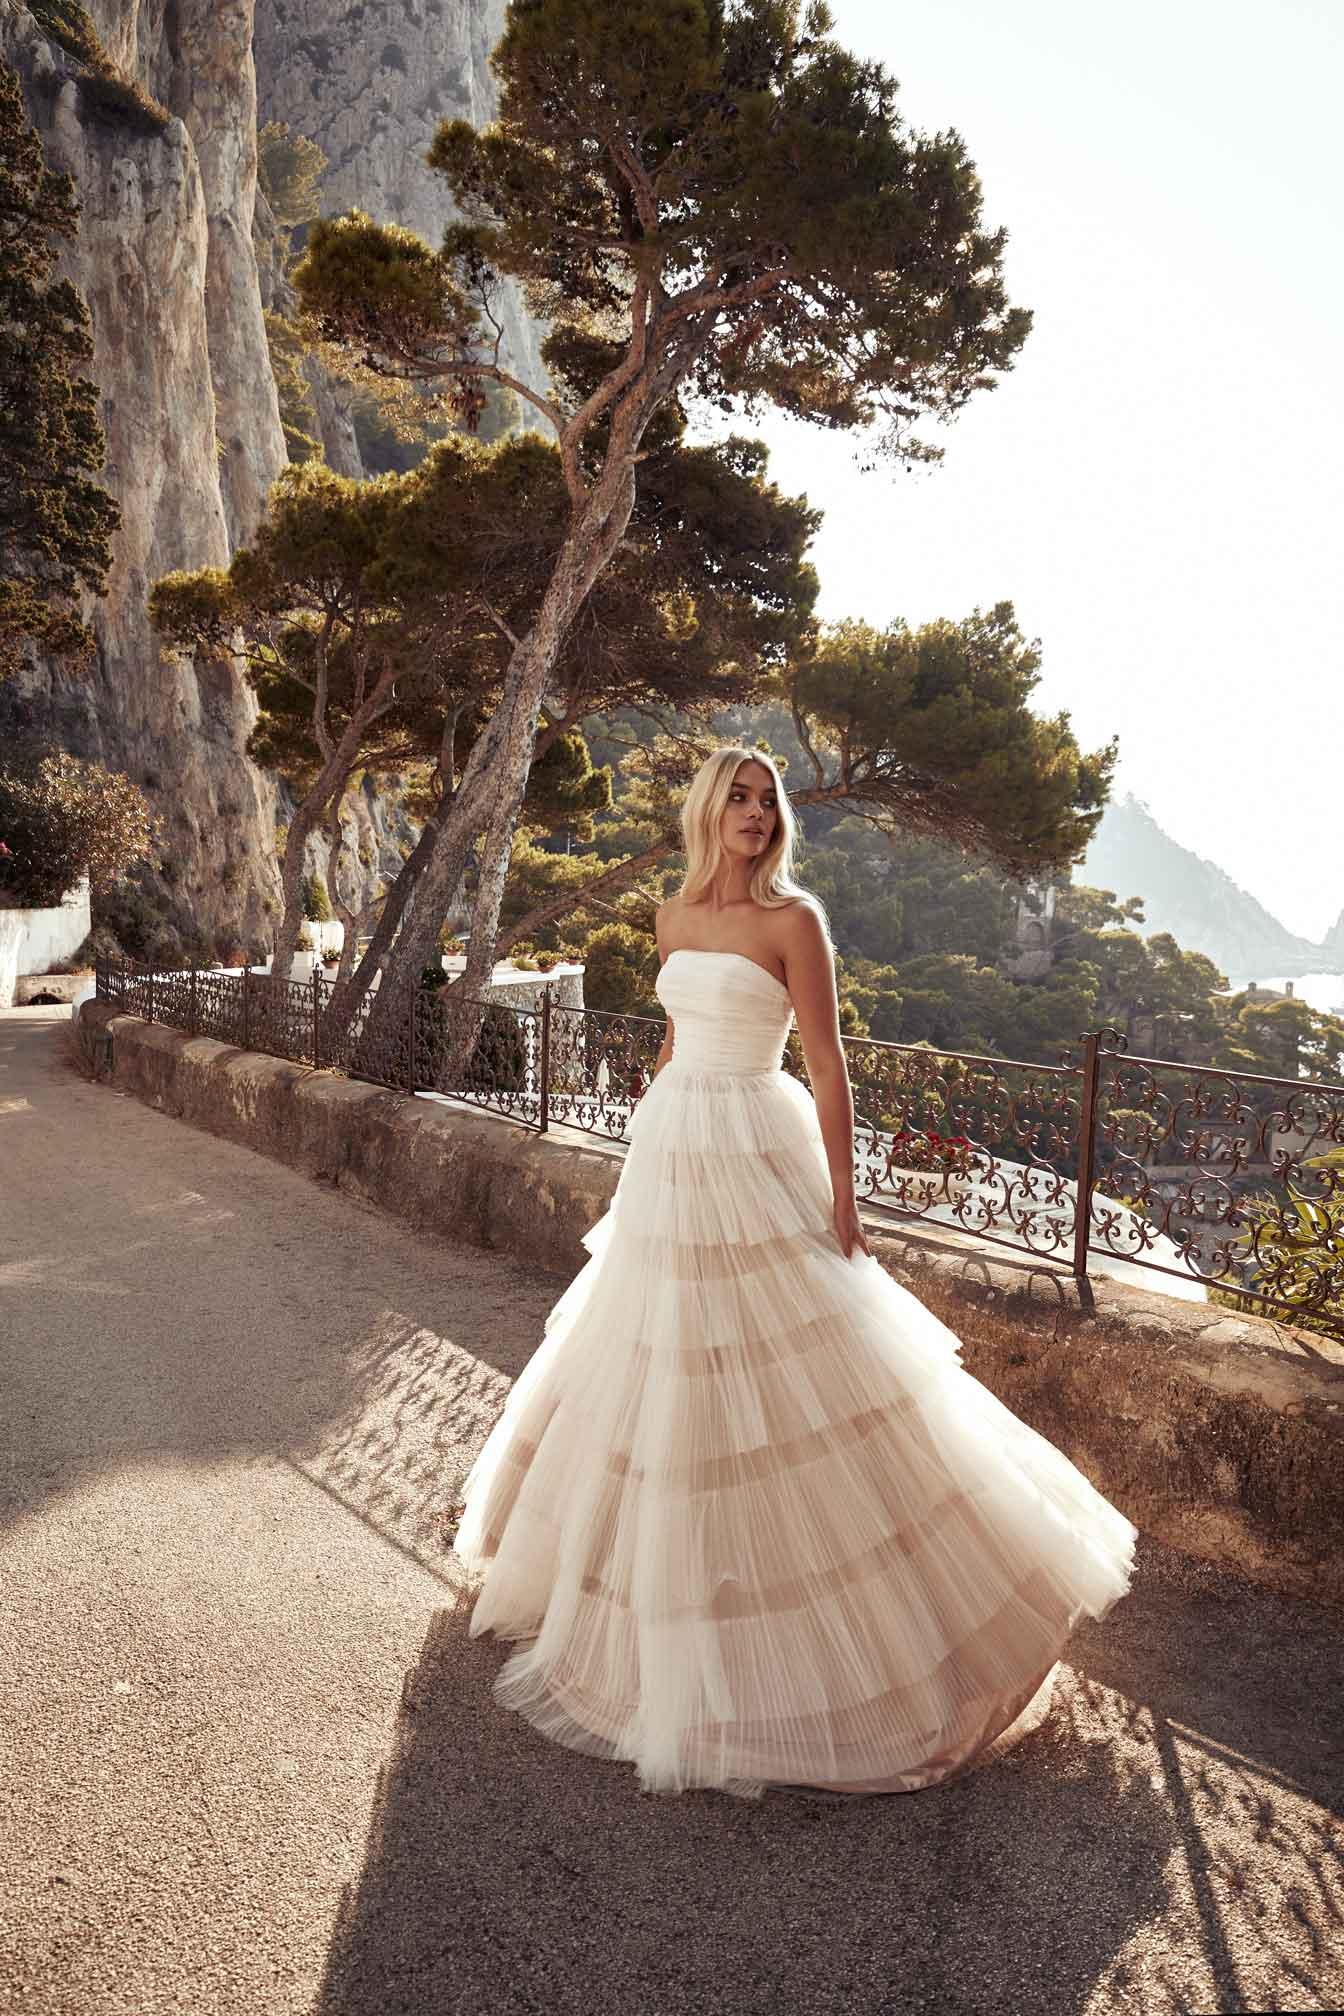 agata-chosen-by-one-day-wedding-dress